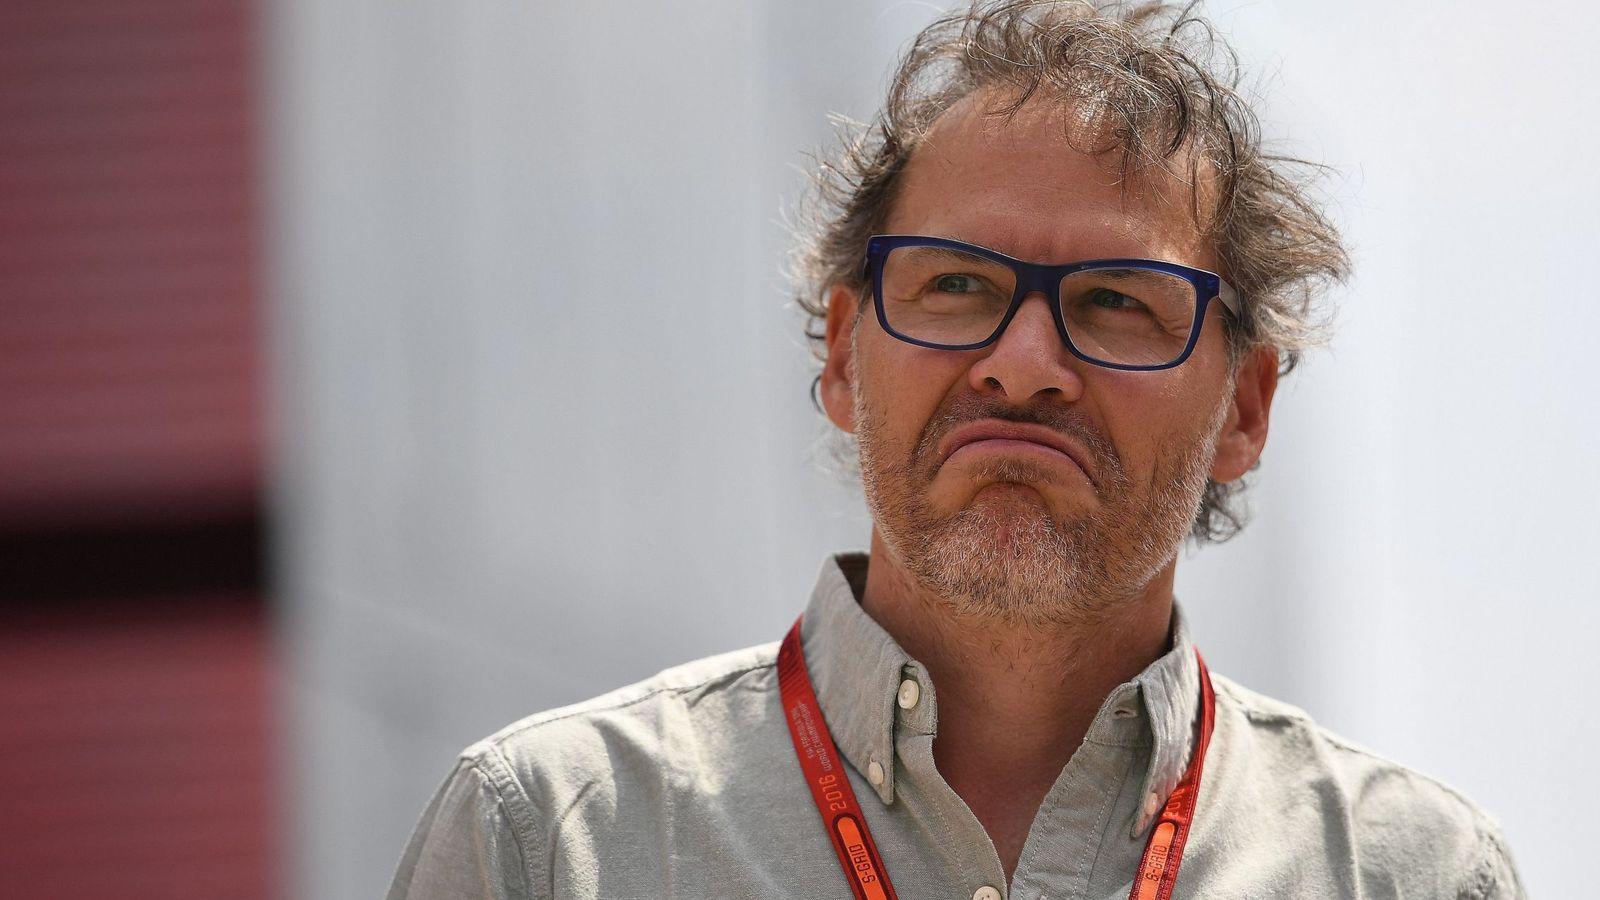 Foto: Jacques Villeneuve es el único campeón del mundo de Fórmula 1 canadiense. (EFE)